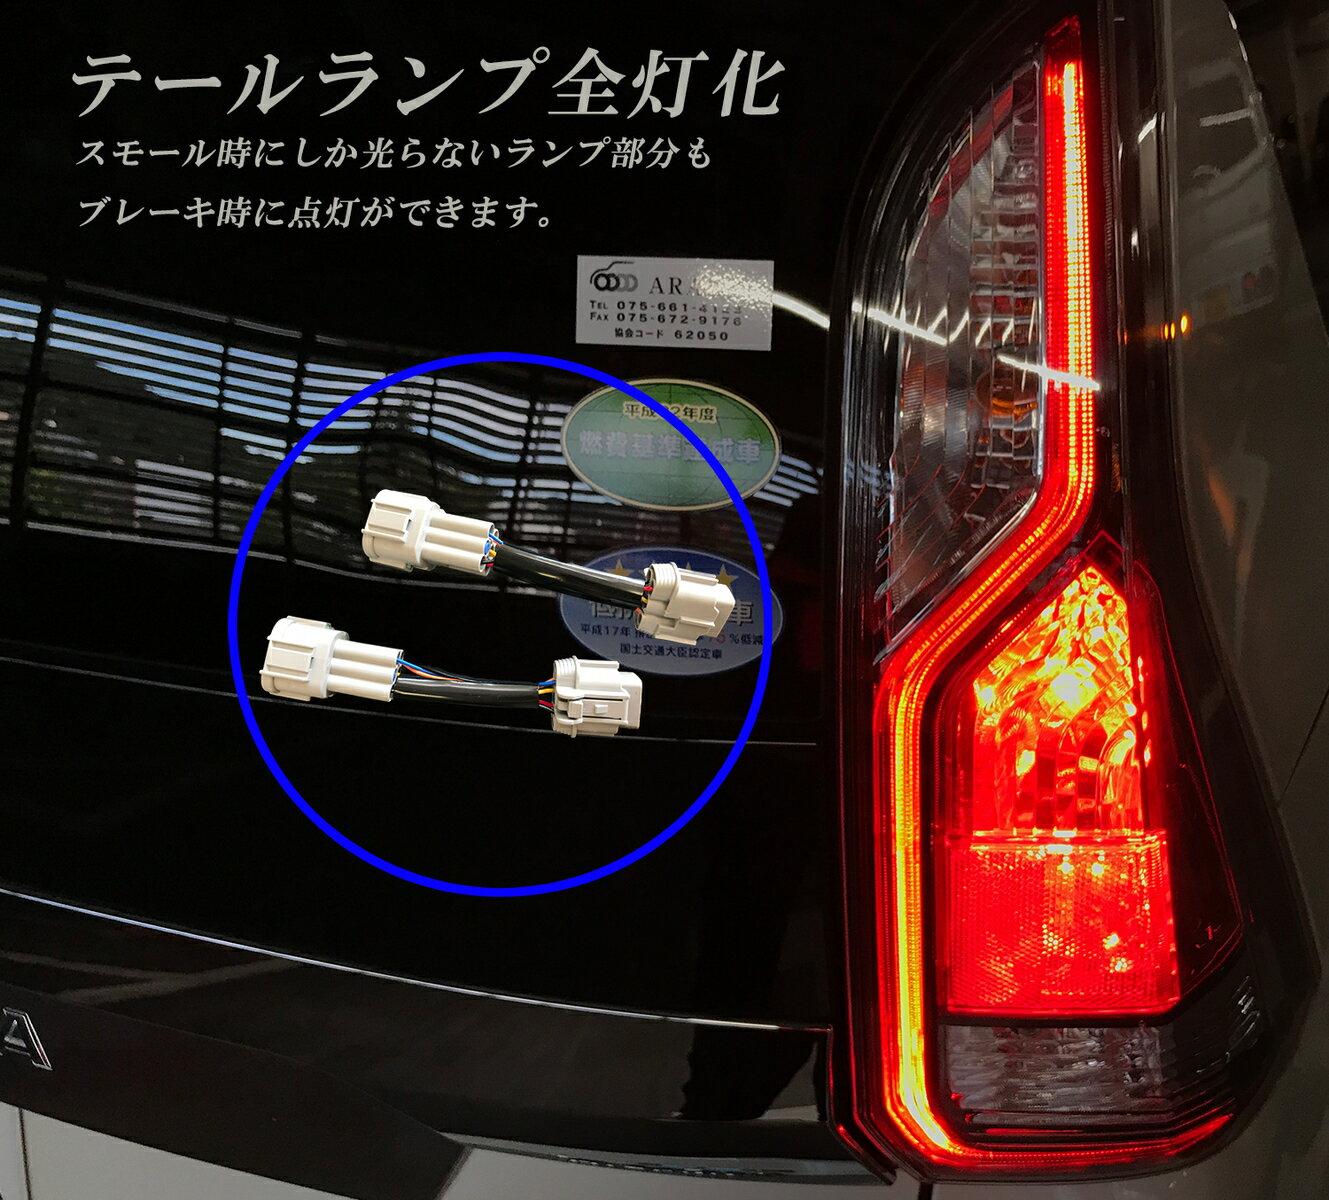 SERENA セレナ C27 専用 ブレーキプラスキット 全灯化キット テール LED 4灯化 全灯化 テールランプ